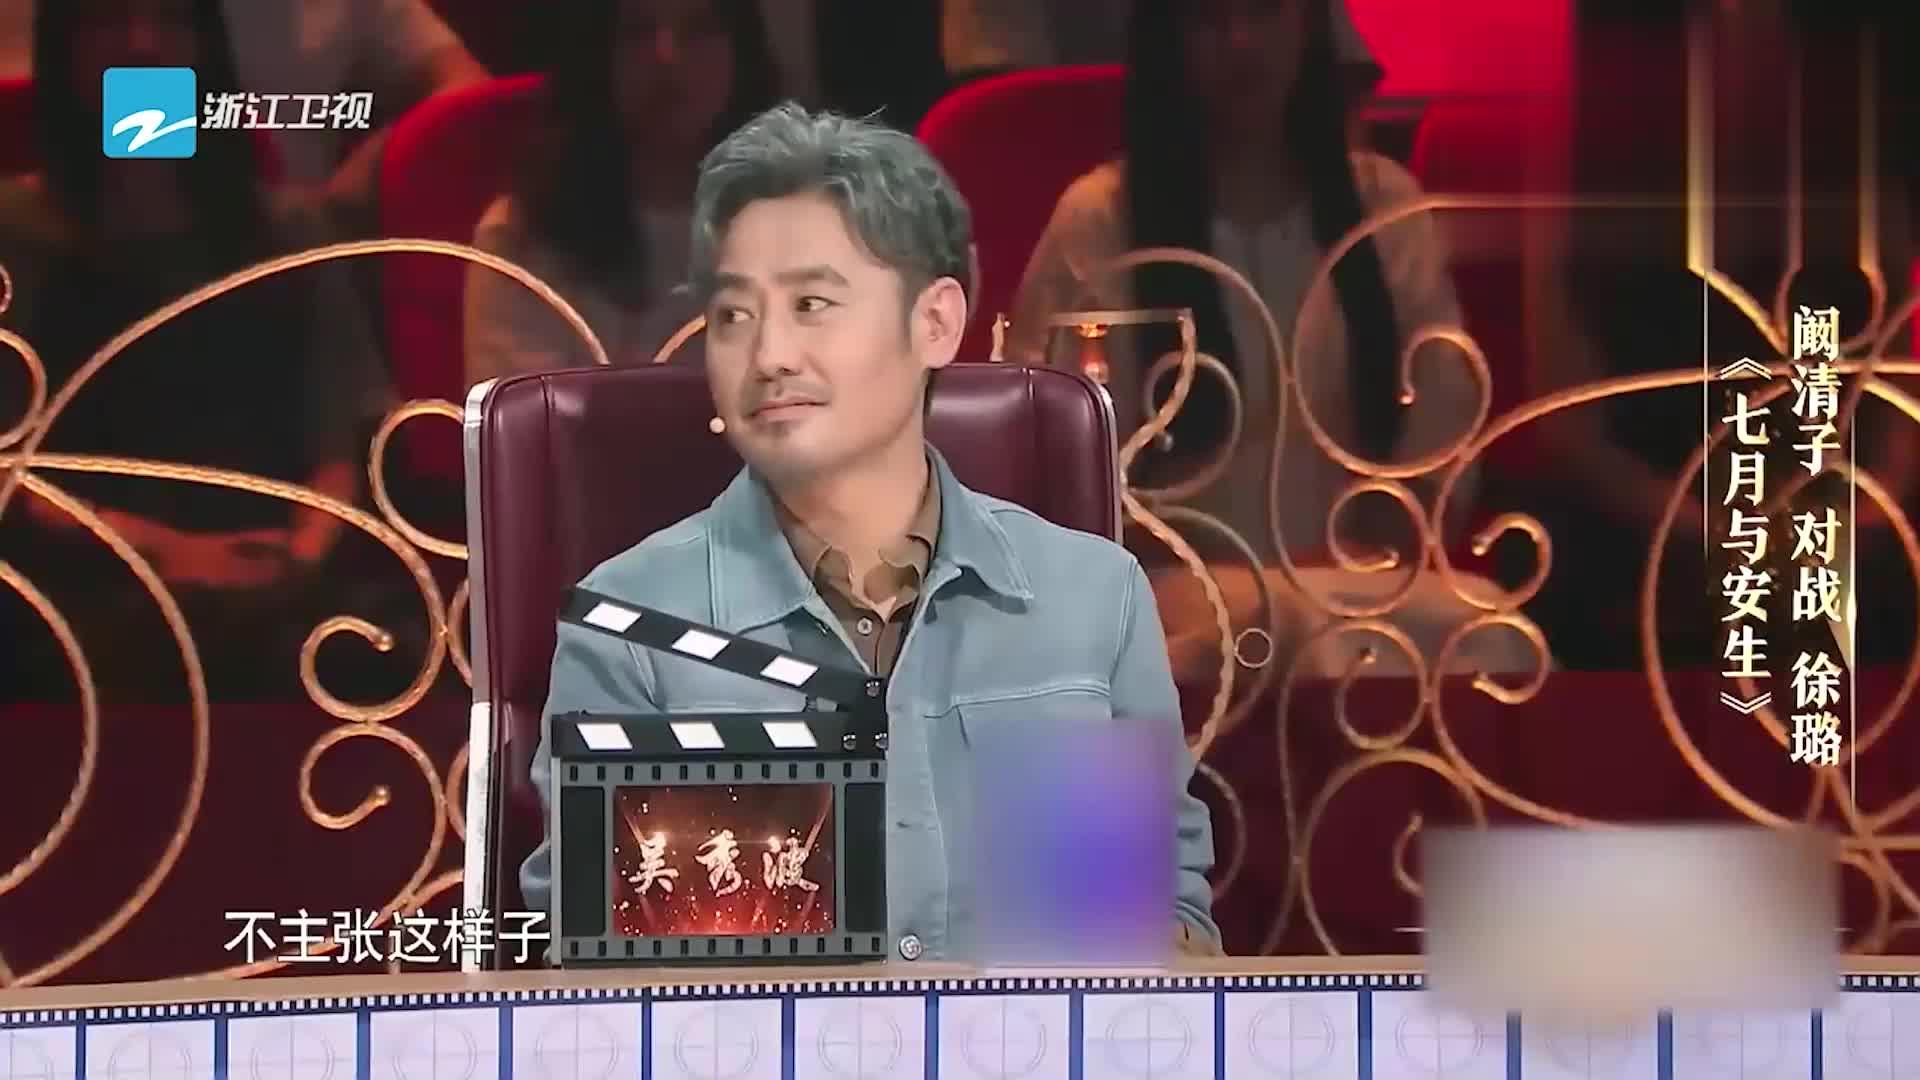 演员:徐璐为戏买醉,却被章子怡徐峥批评,演员最重要的是自控!